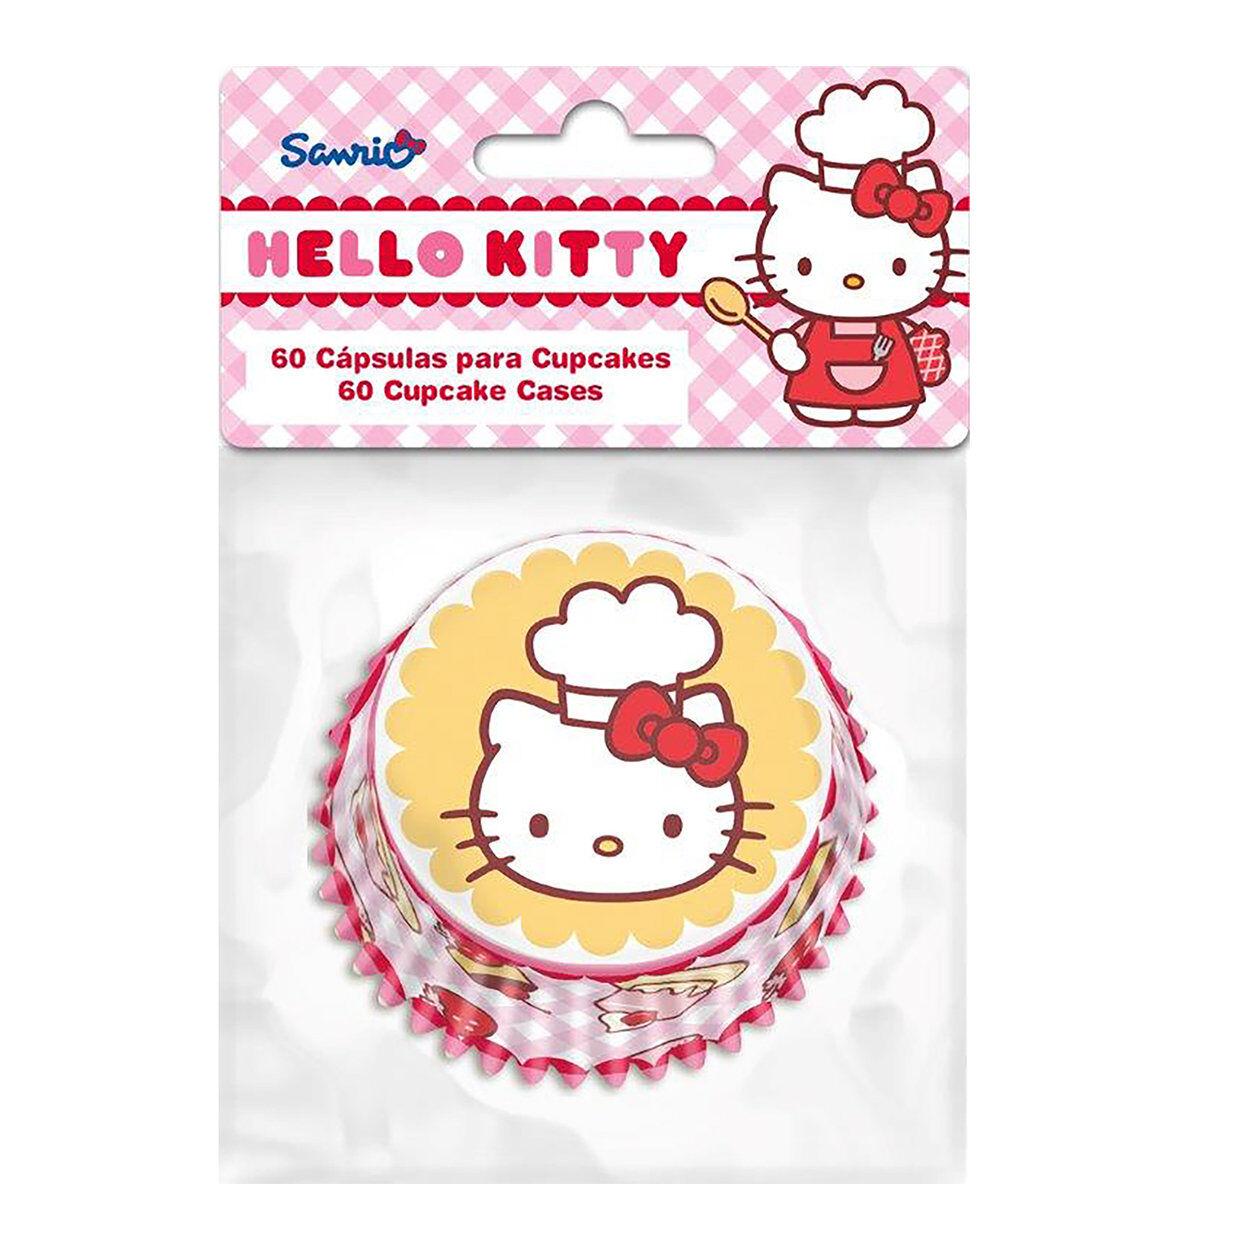 North star tavola Set di 60 Pirottini per Cupcakes Hello Kitty Cake Design